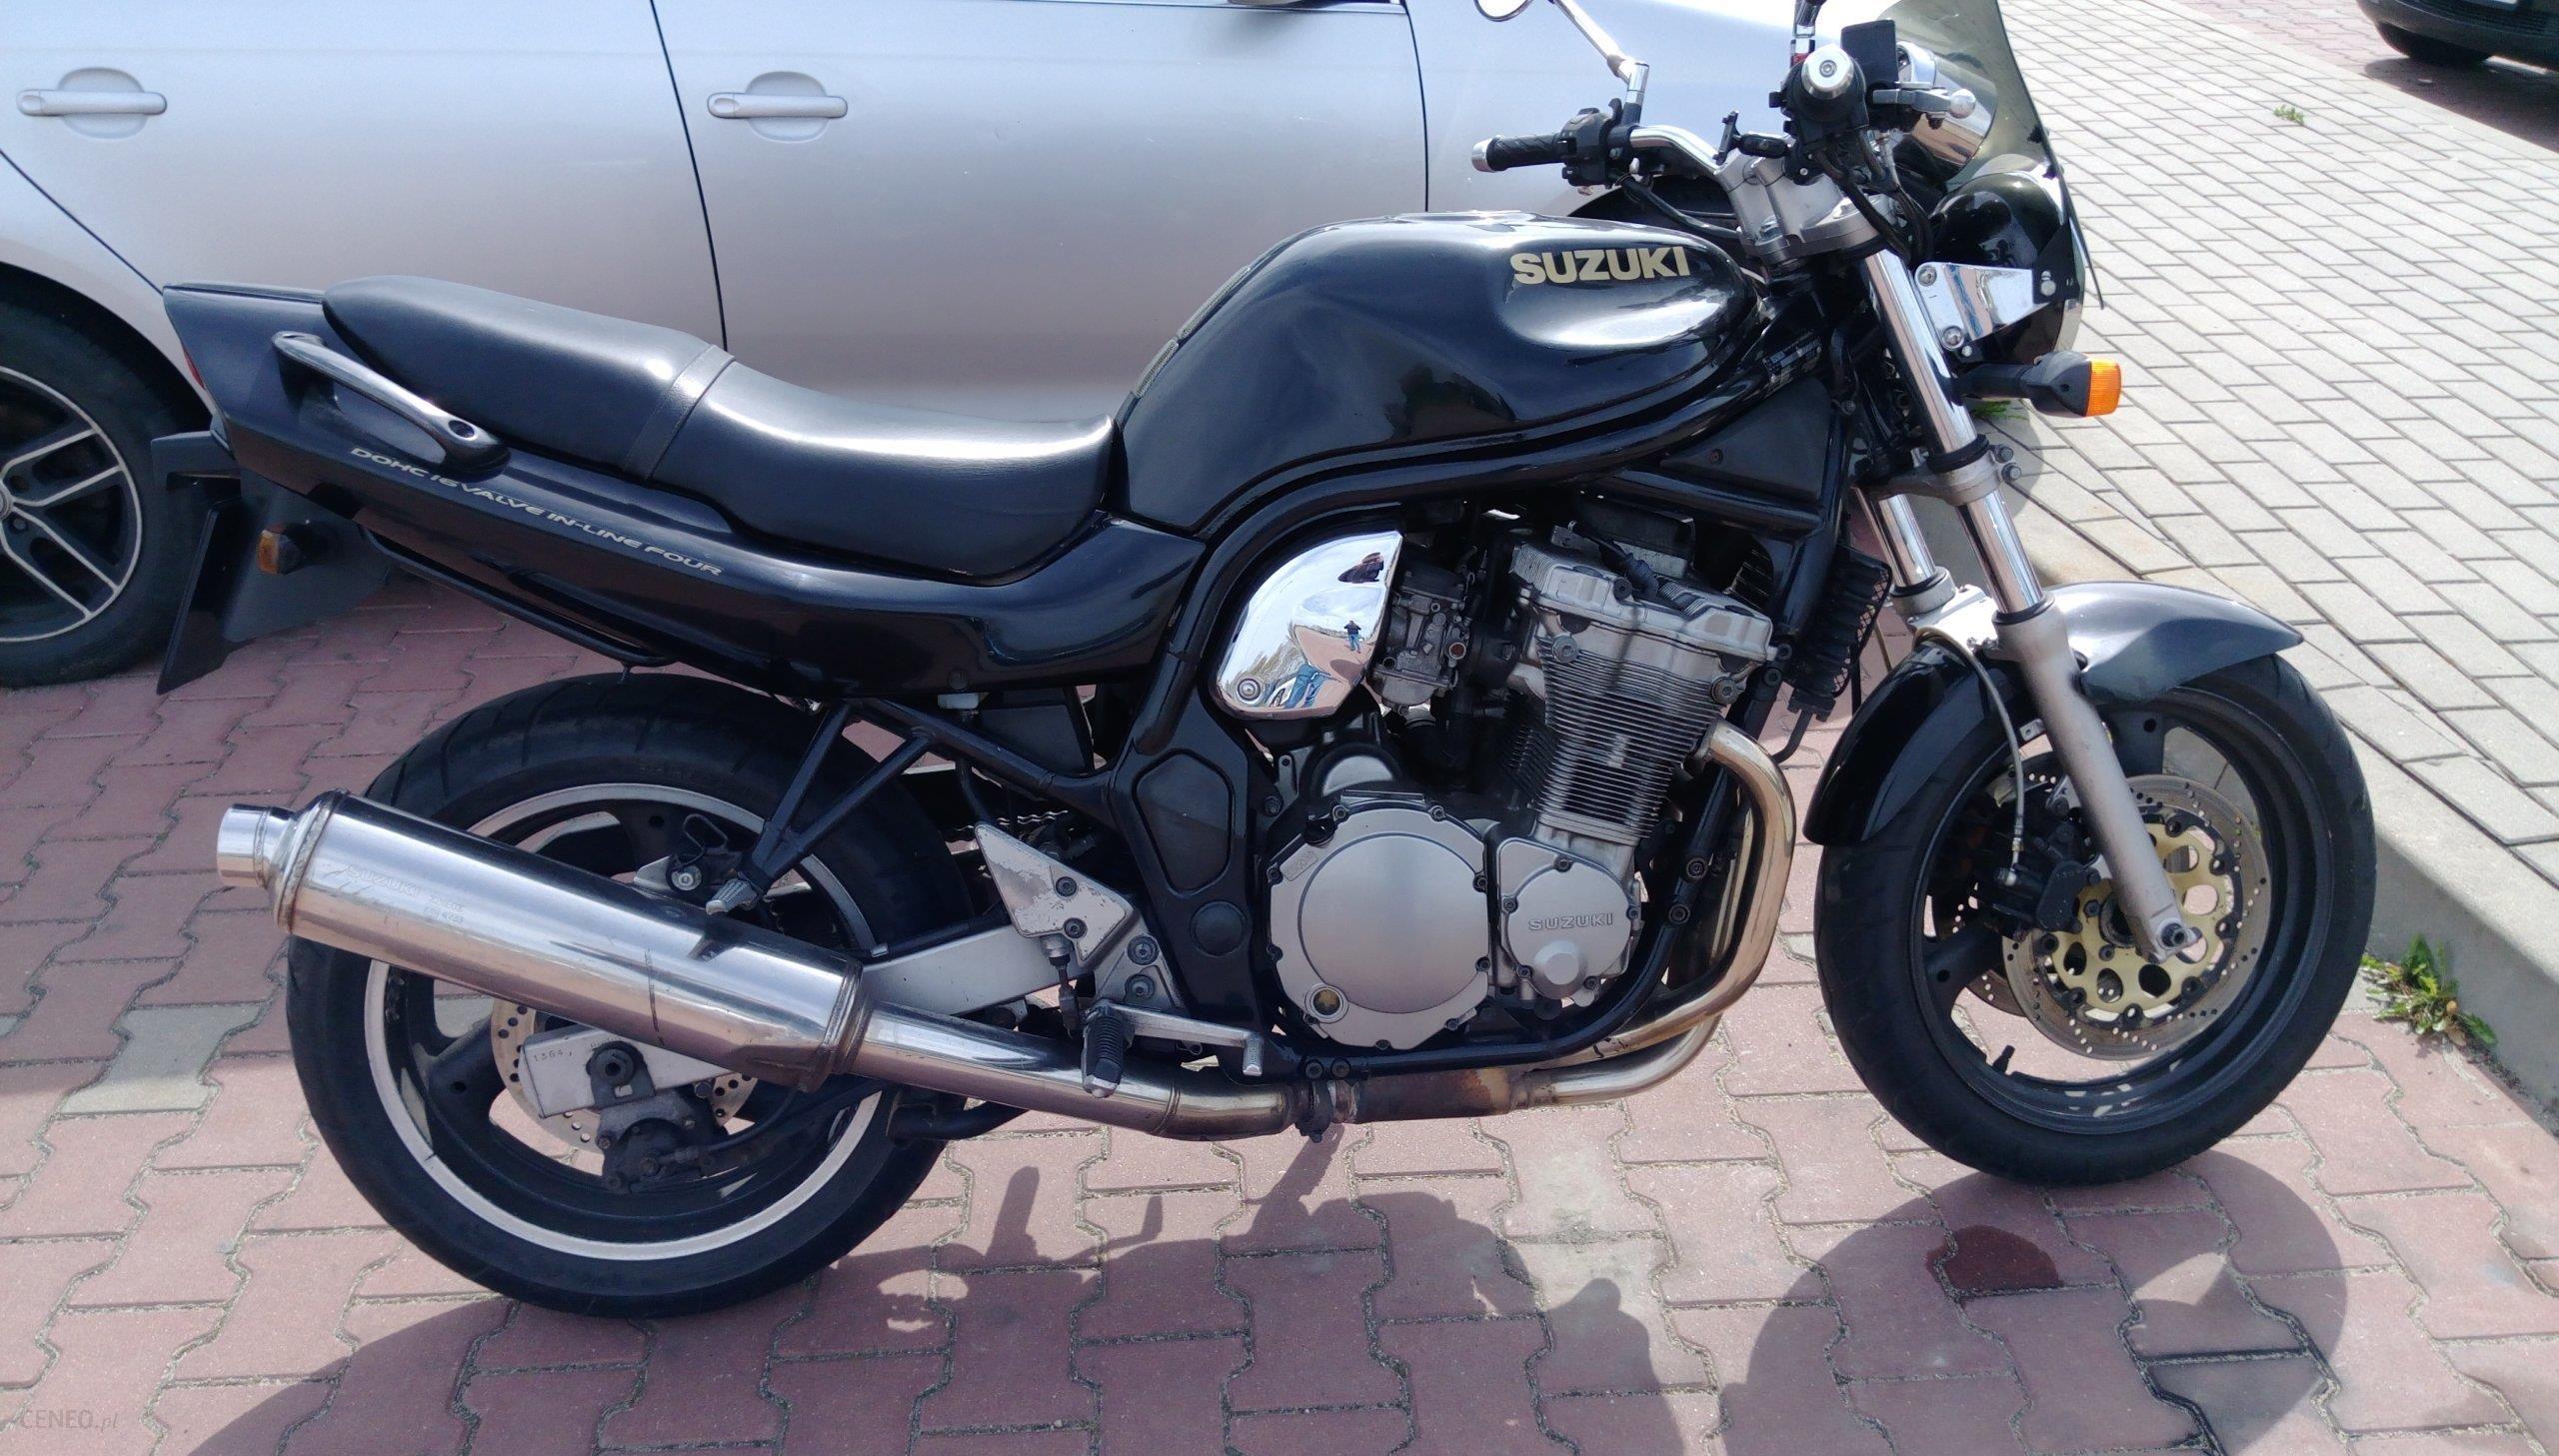 Suzuki Bandit 600 N Opinie I Ceny Na Ceneo Pl